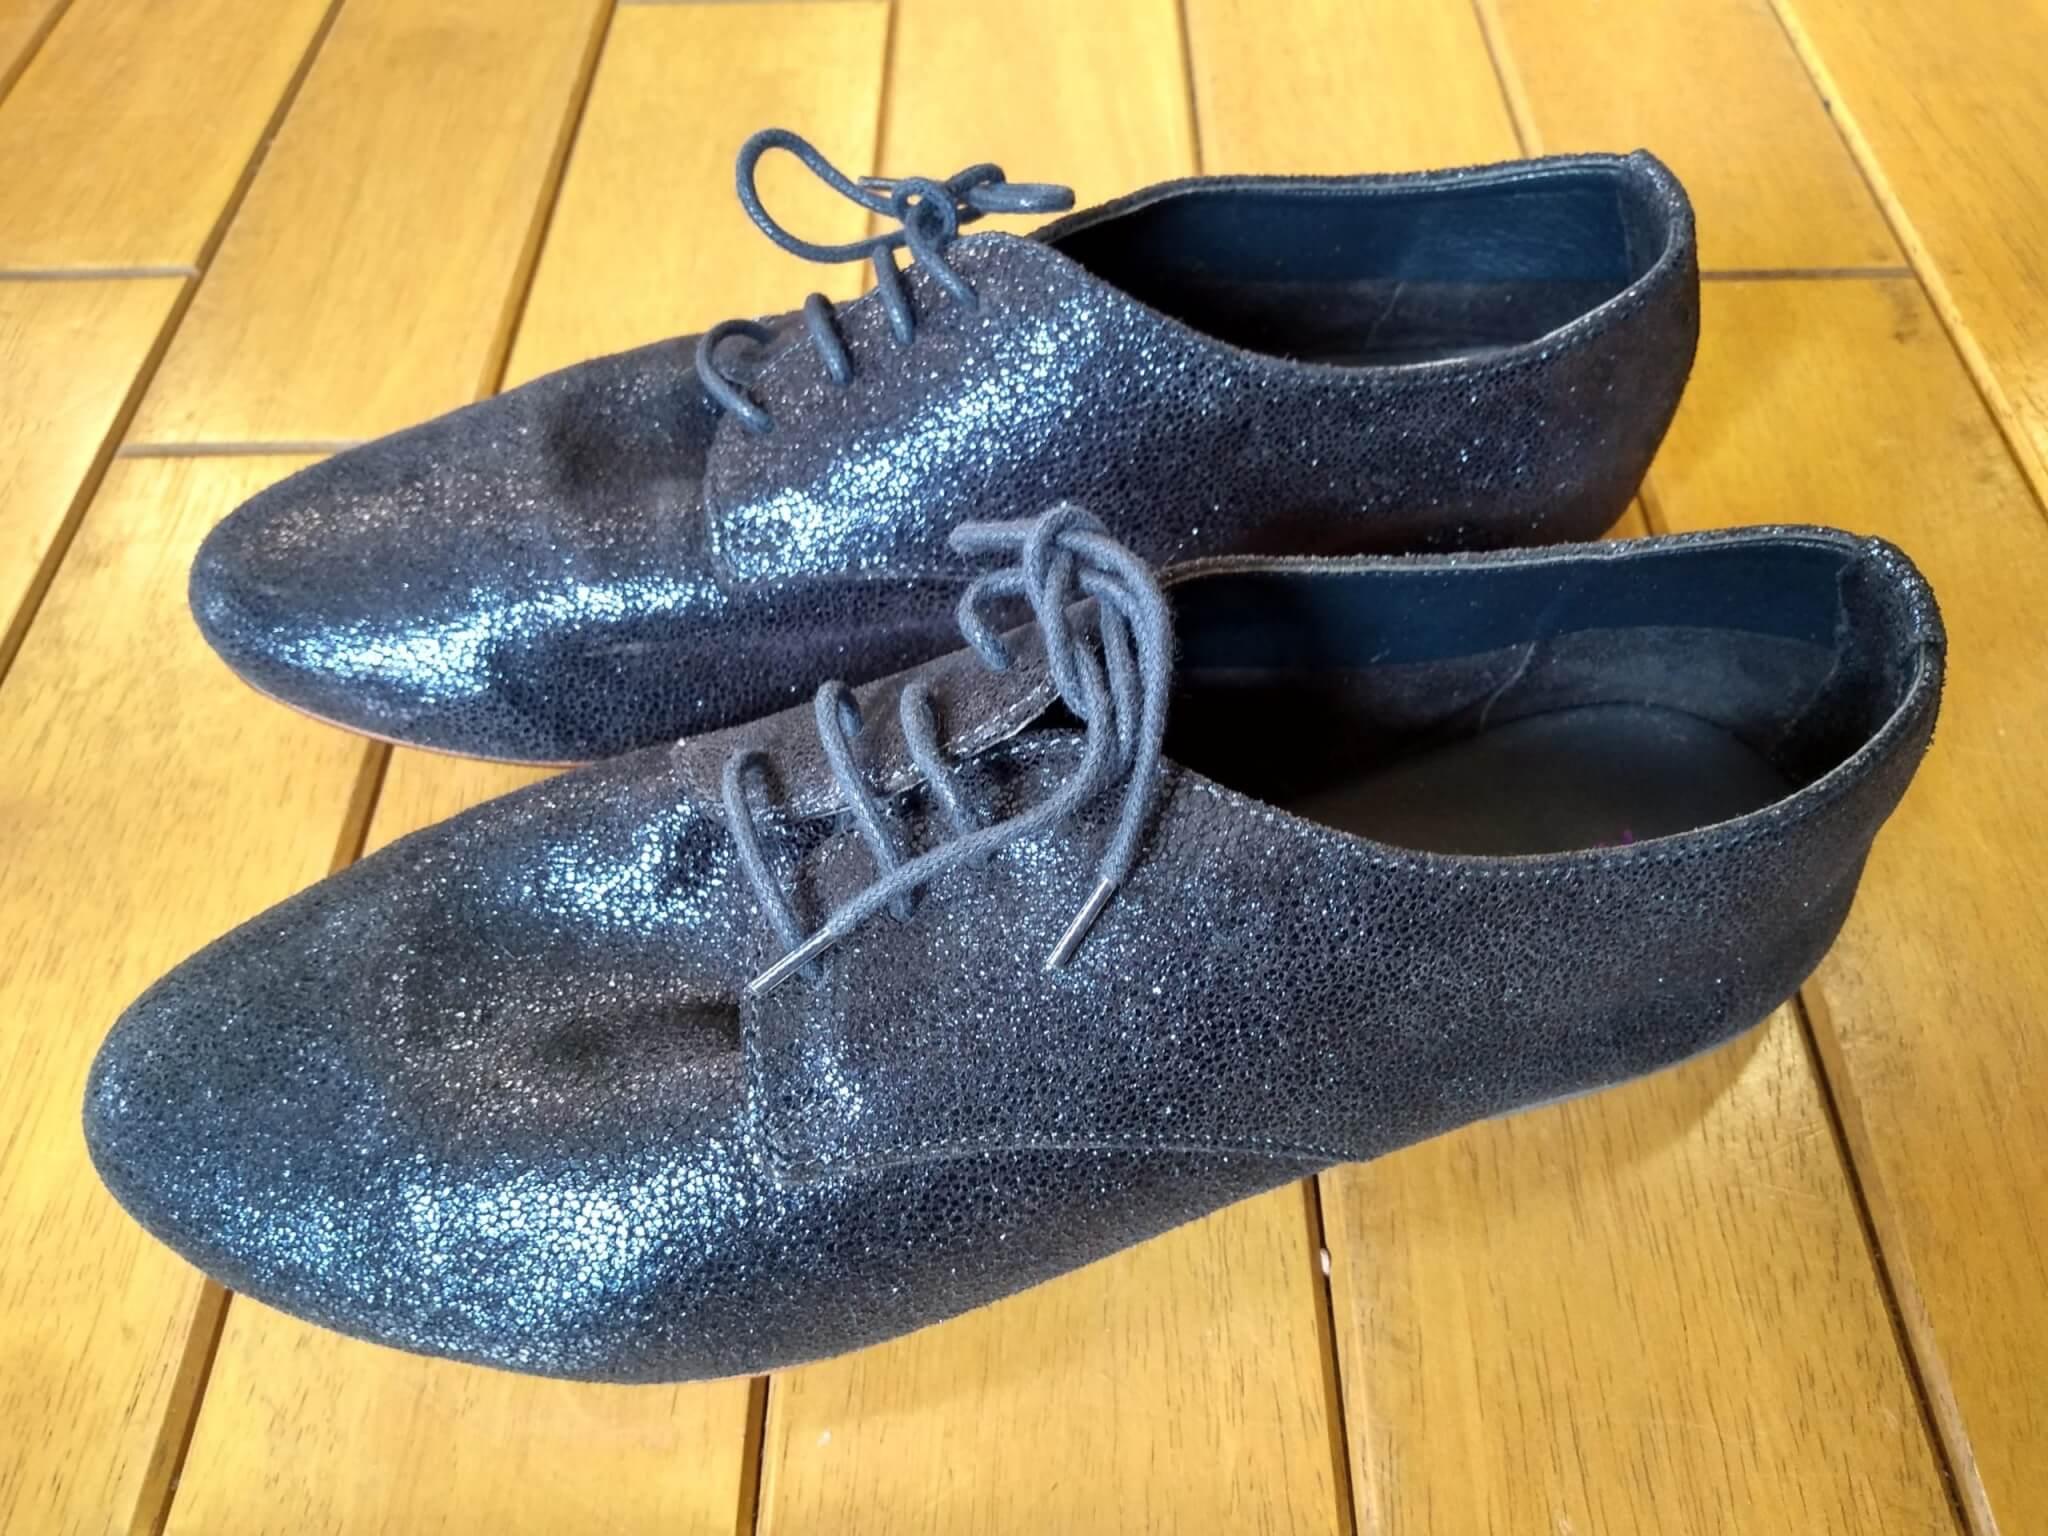 レディース・フラットシューズのトップリフト交換&ゴム半張りの靴修理